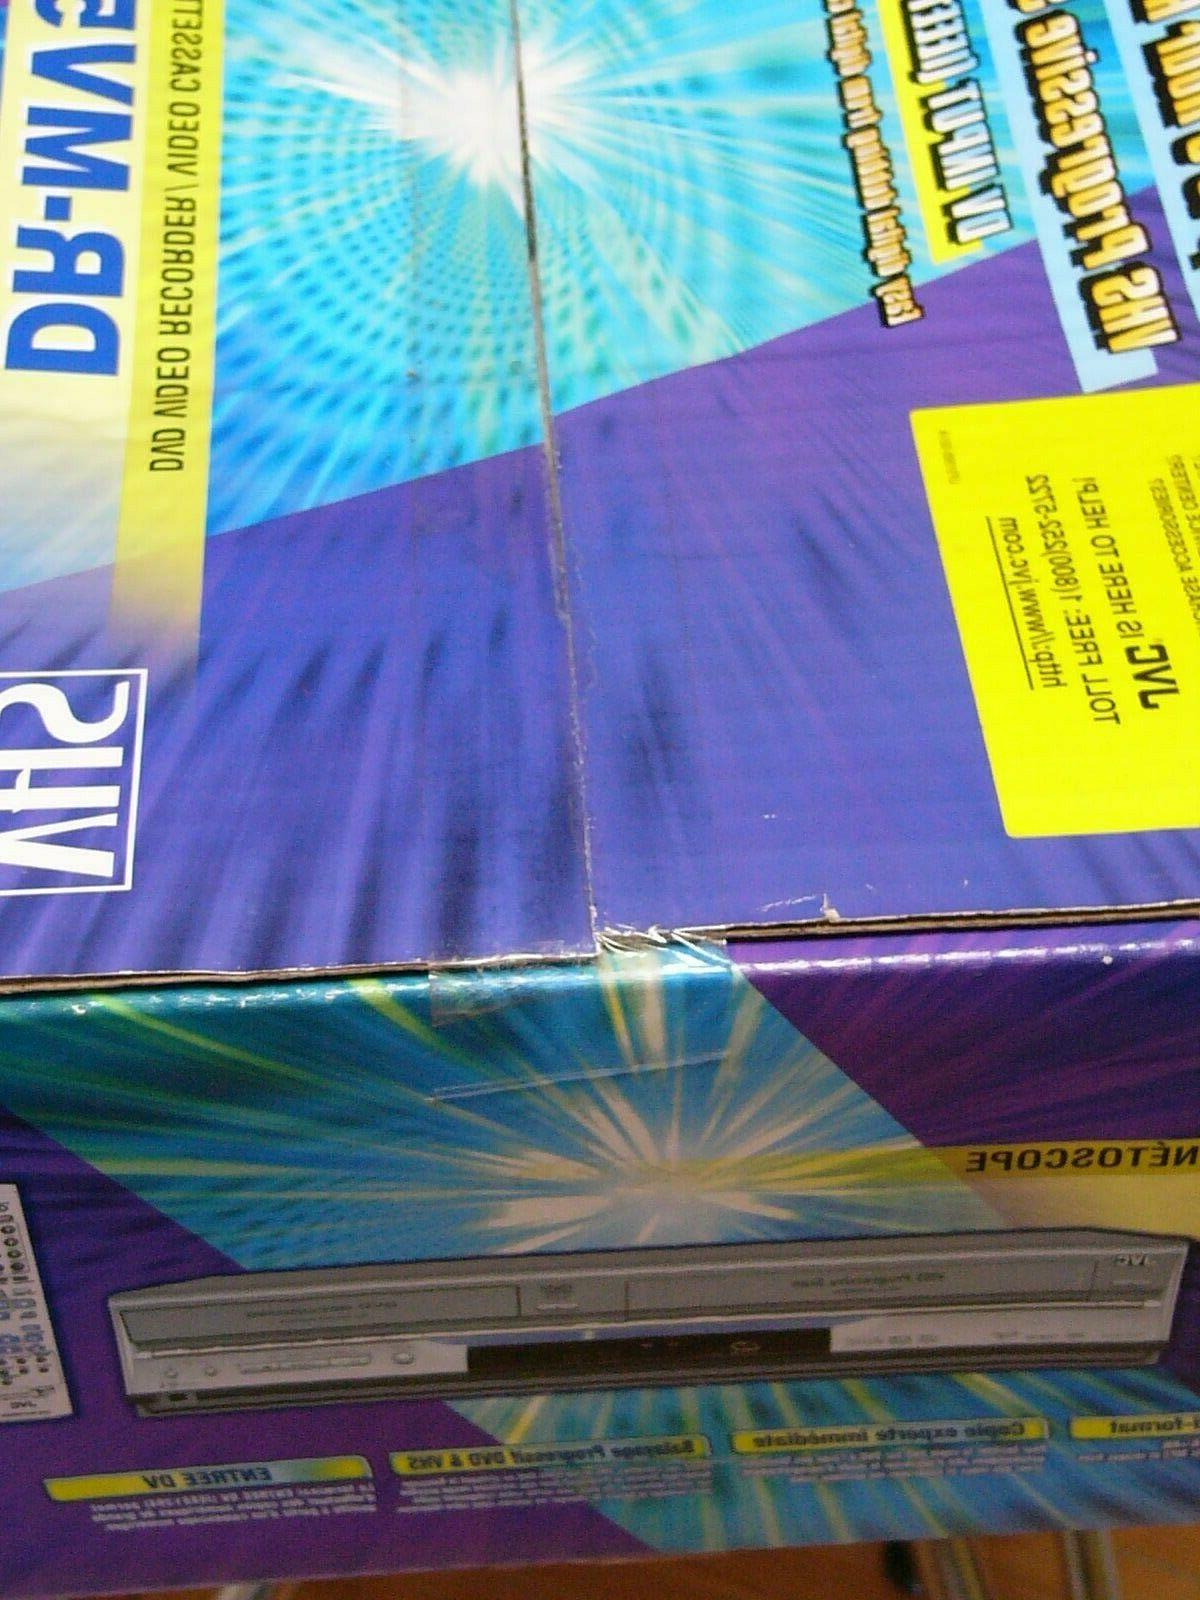 VHS DVD Recorder Player HiFi SQPB